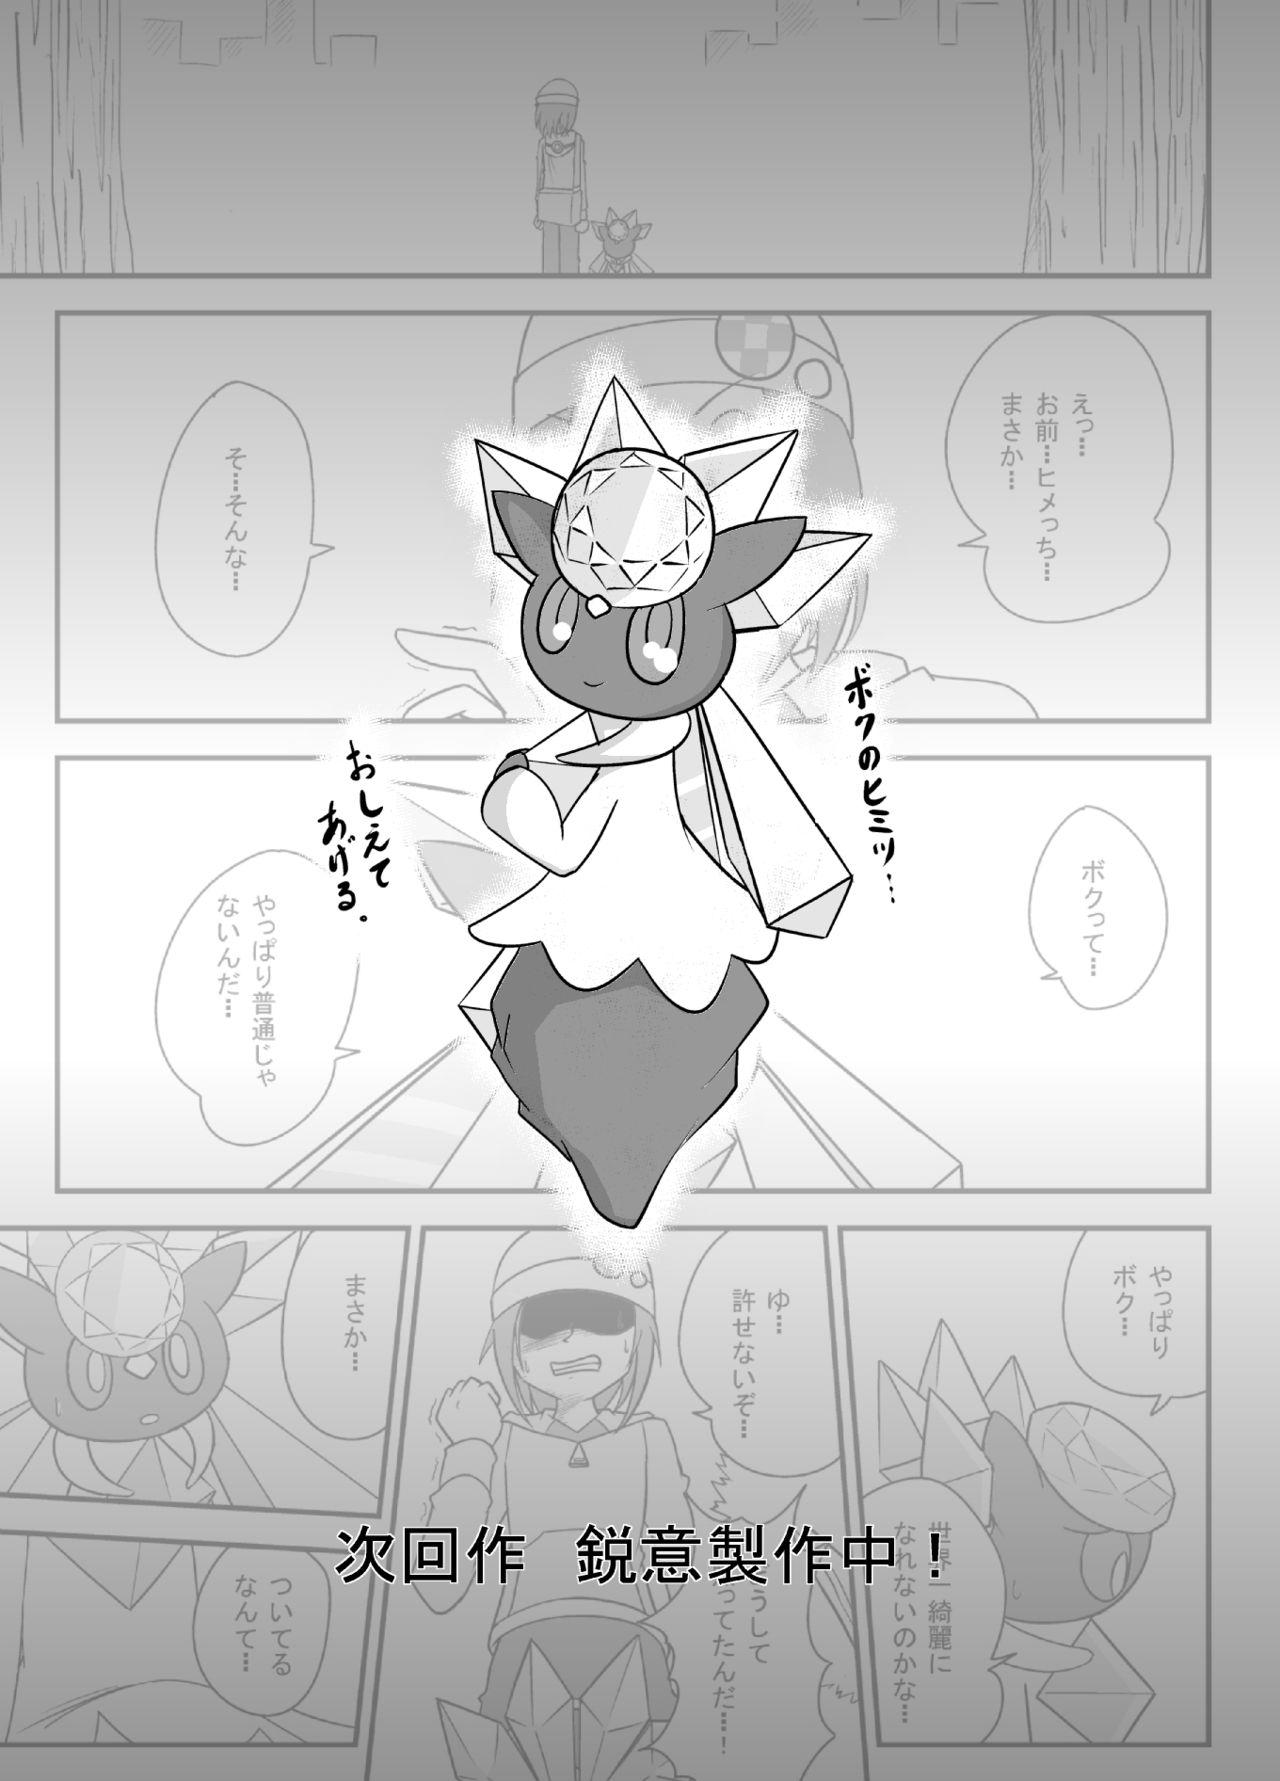 [日文a漫][ayashi sanji] ポケモン漫画 コウカイサキ